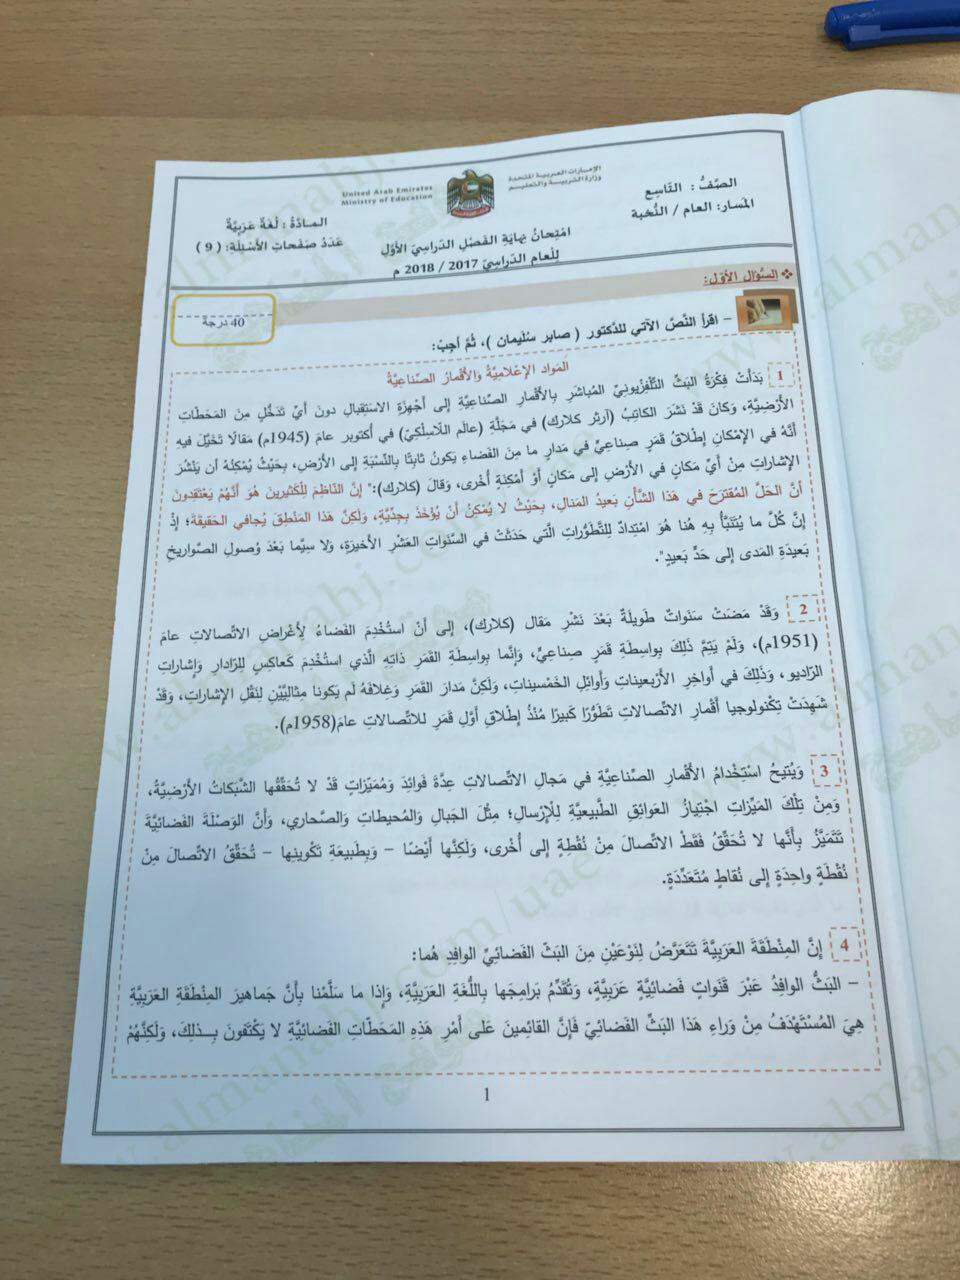 حل اسئلة كتاب اللغة العربية للصف السابع الفصل الاول